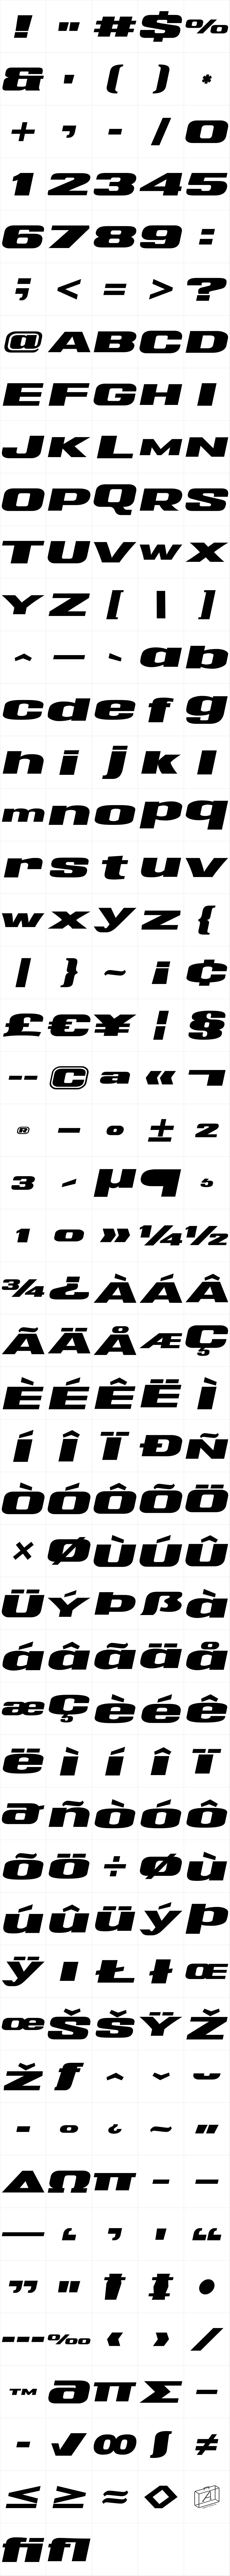 Tipemite Italic